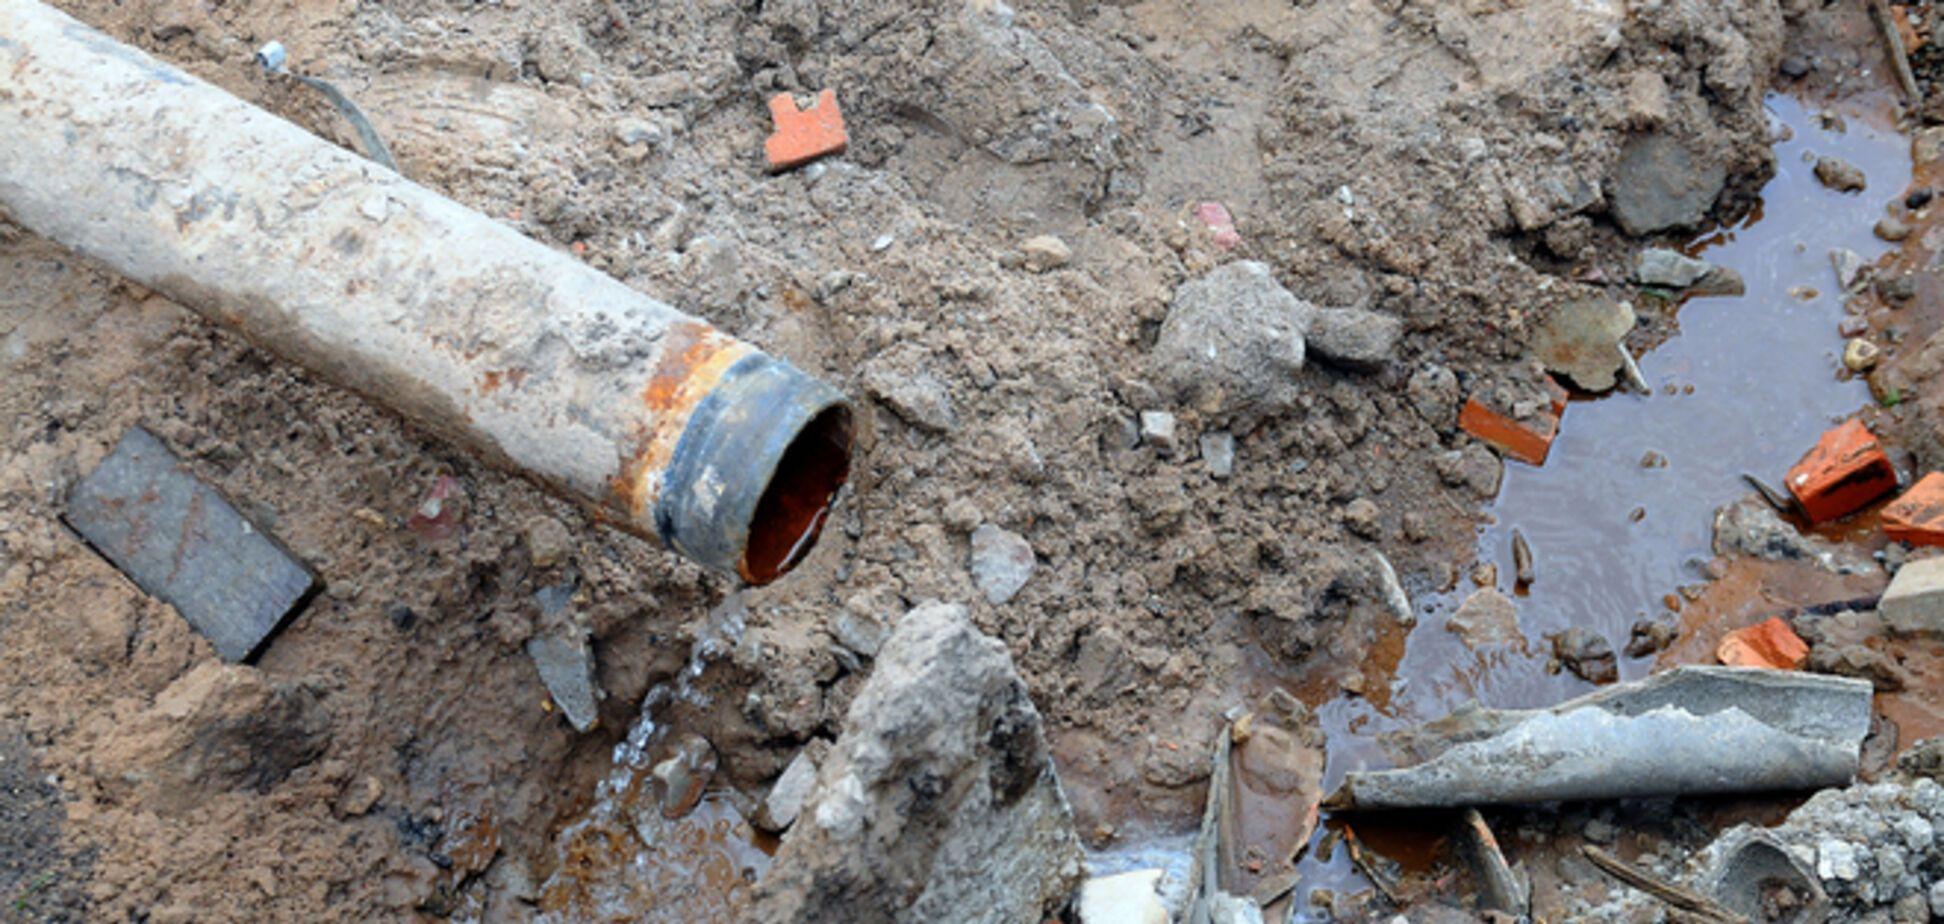 Неизвестные повредили магистральный водовод в Донецкой области